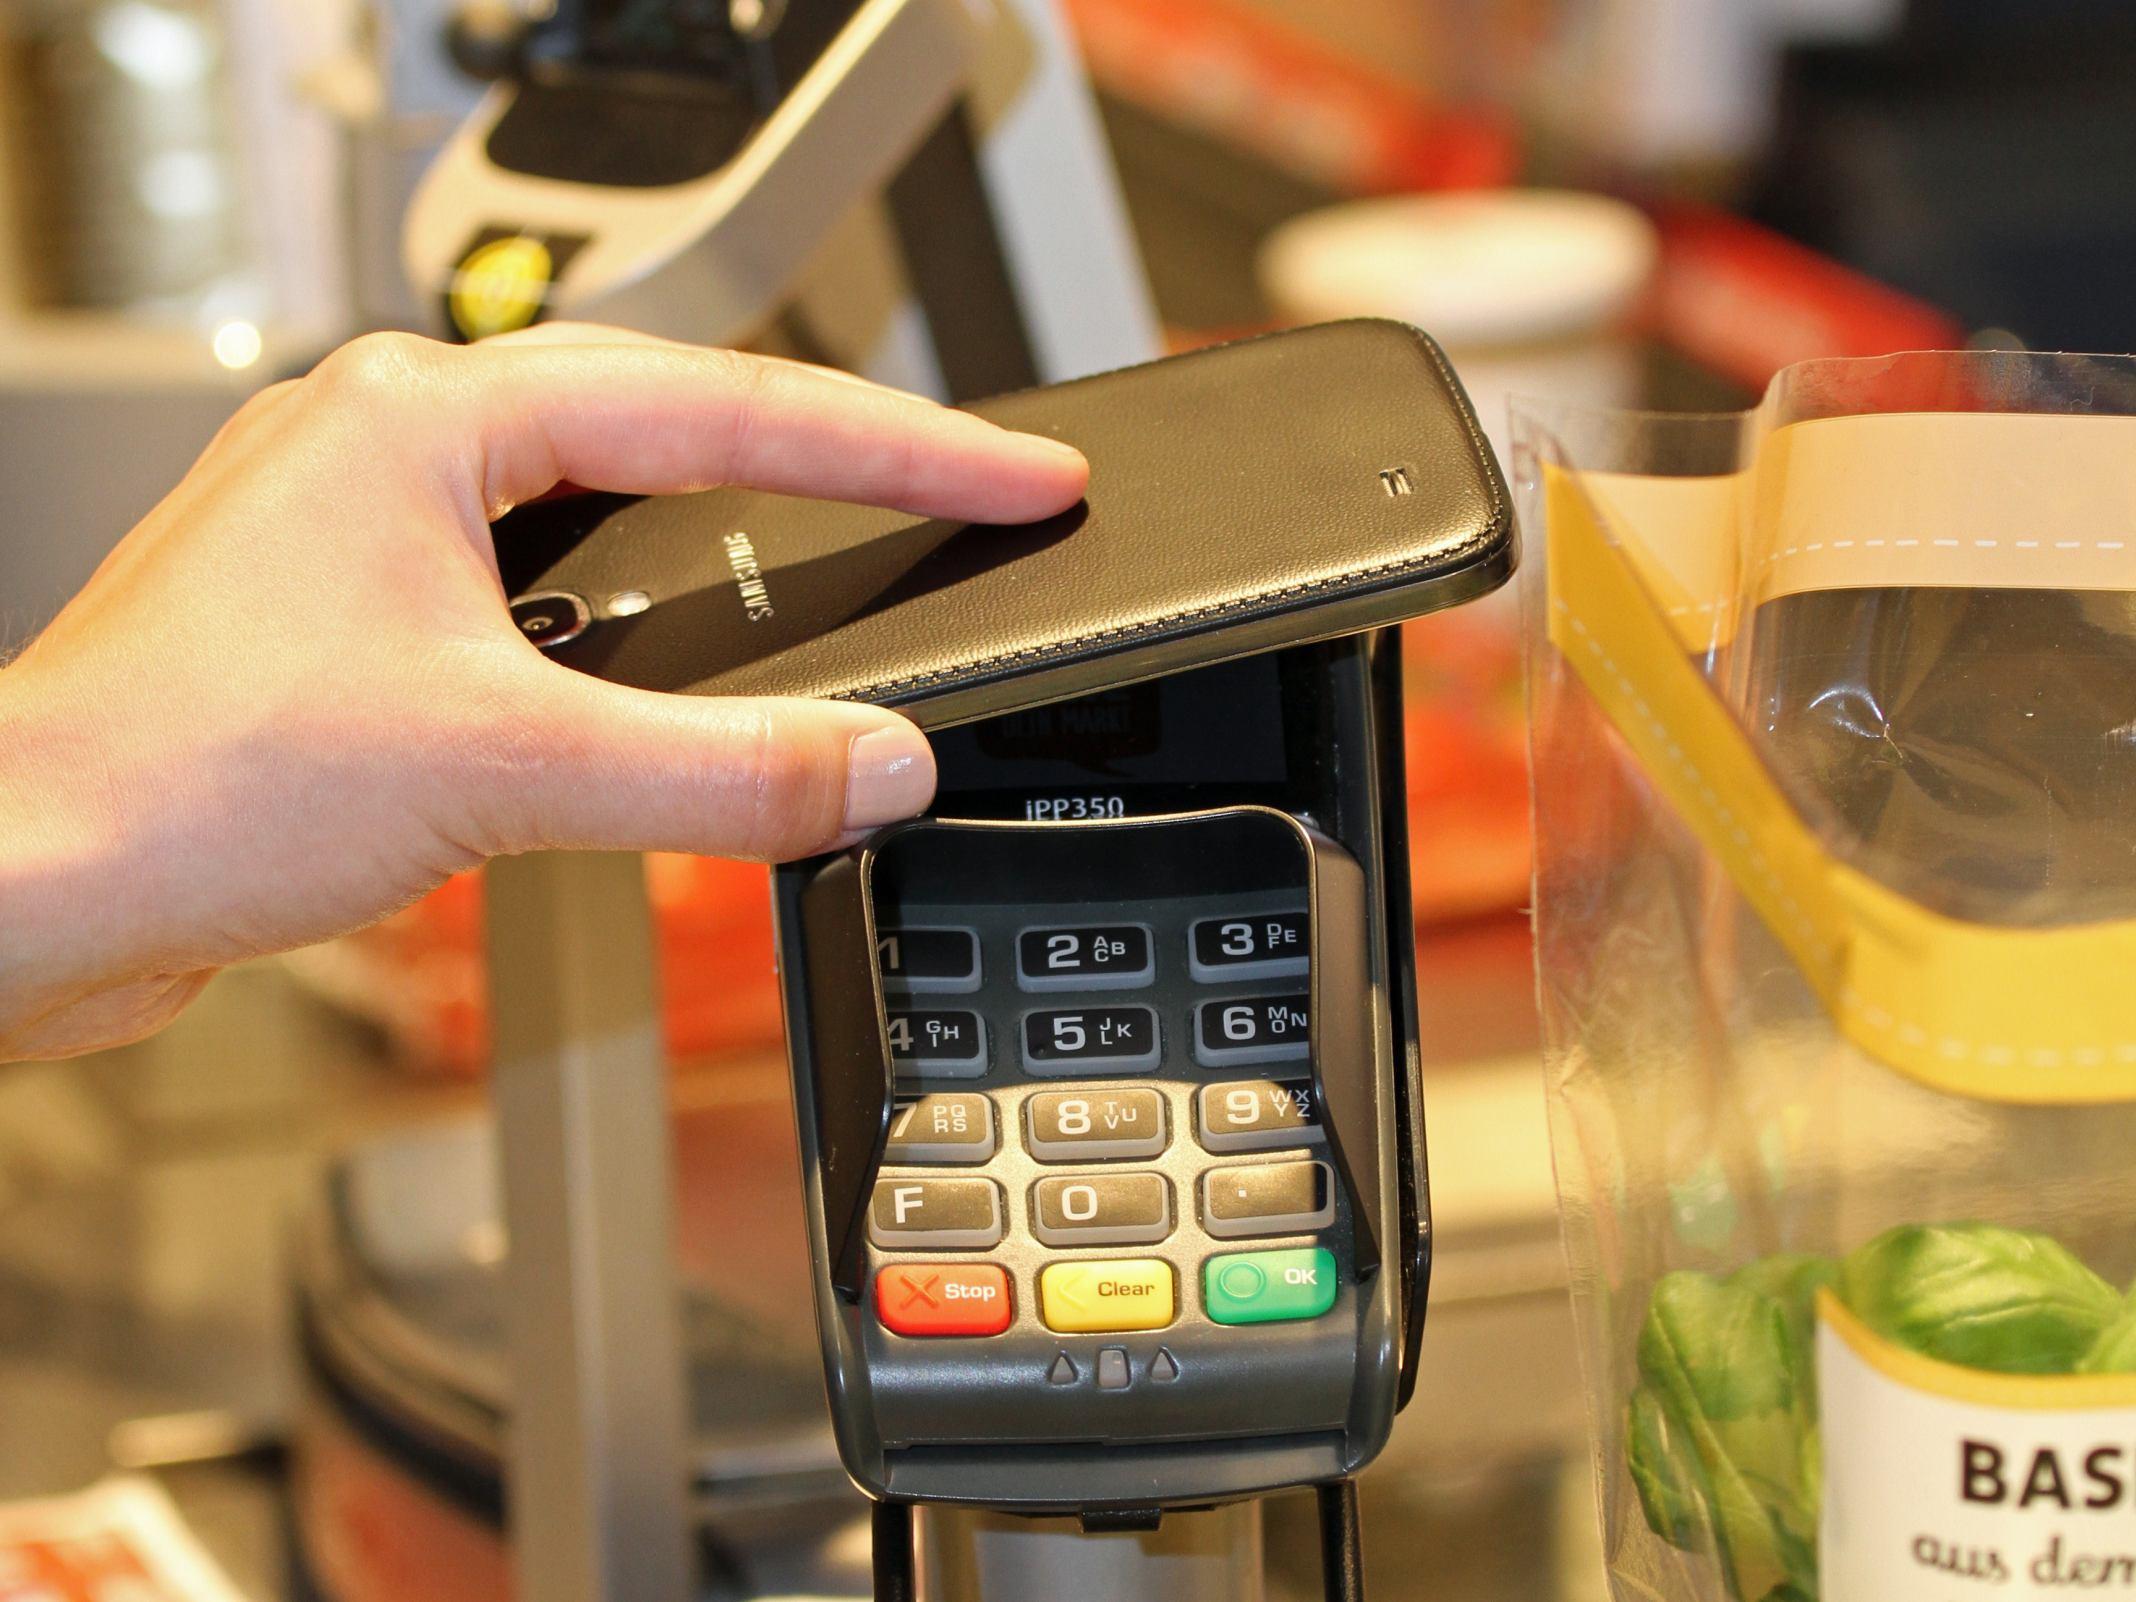 Ein Handy wird an ein Kartenterminal im Handel gehalten